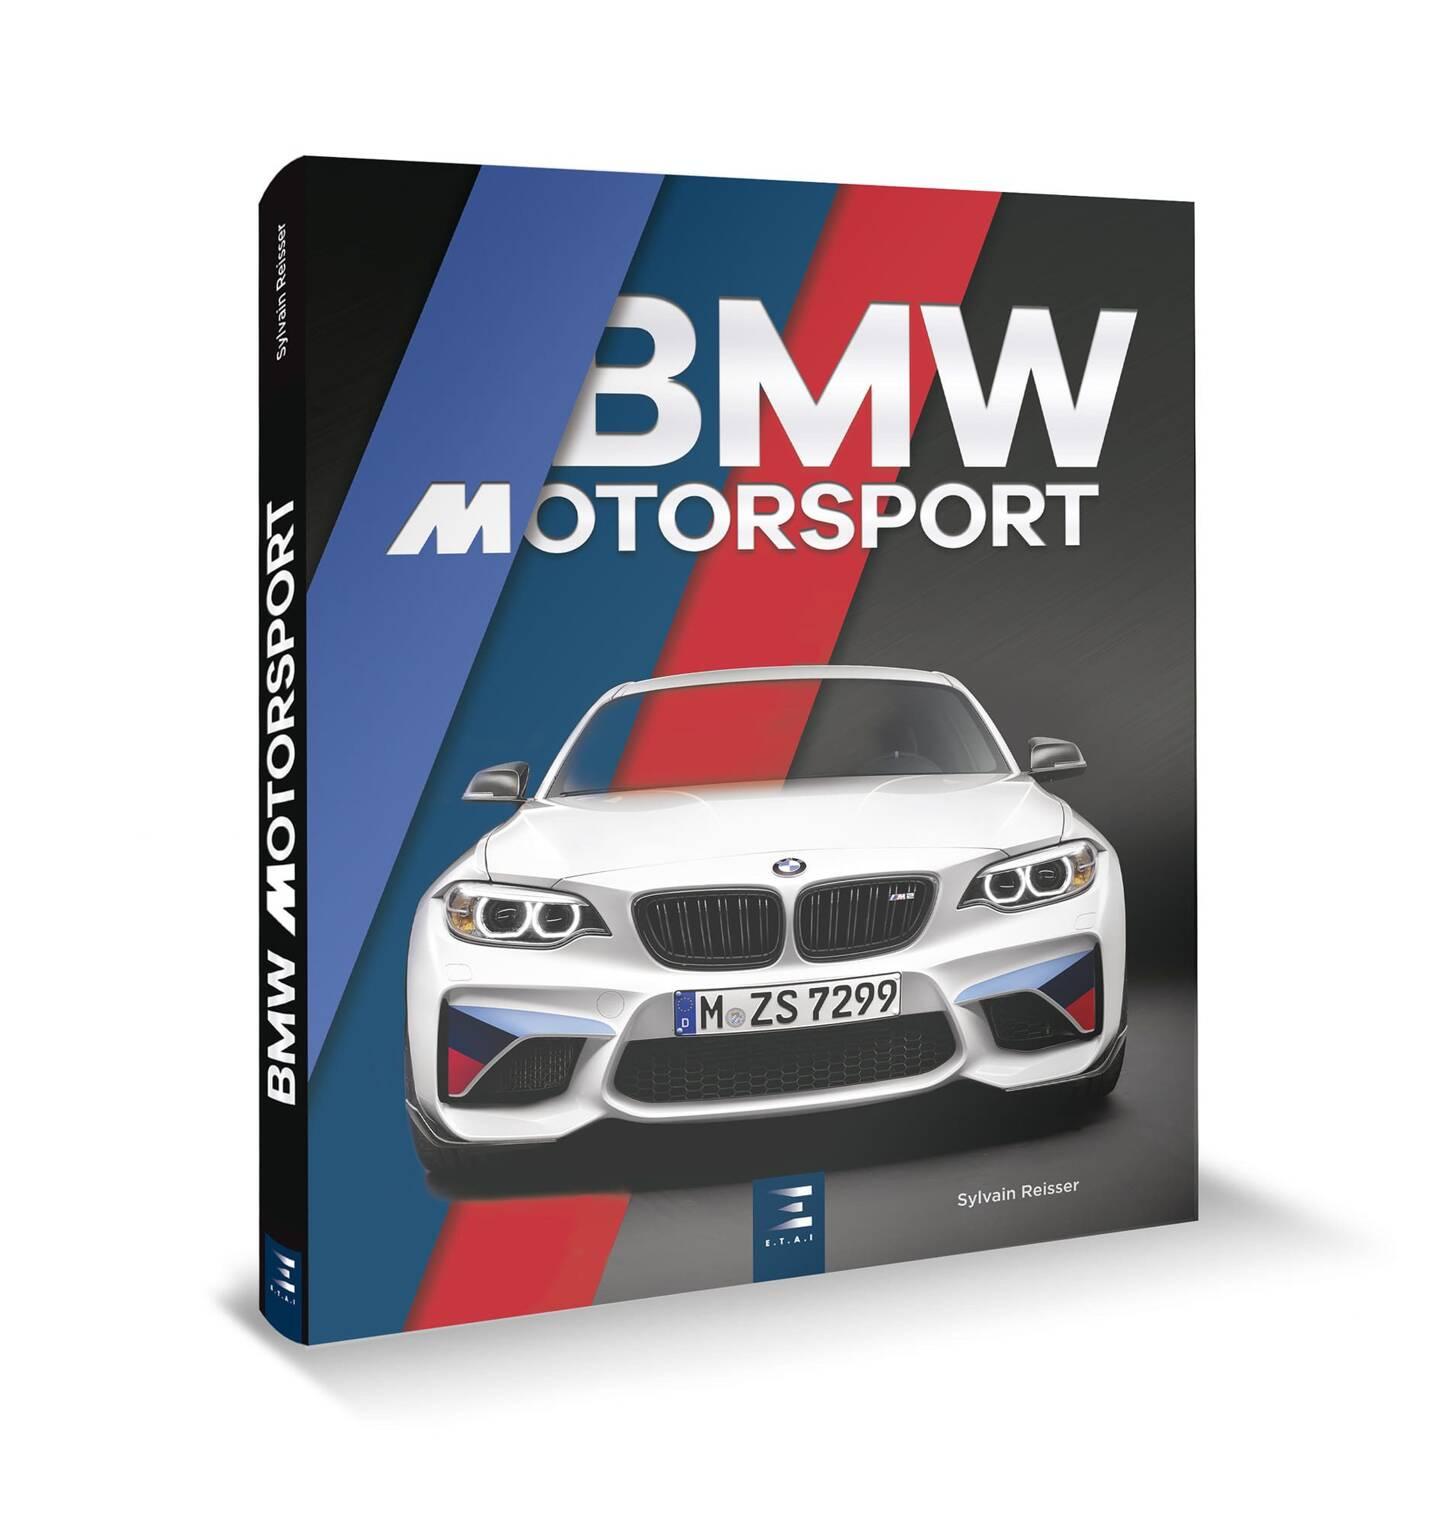 BMW Motorsport.